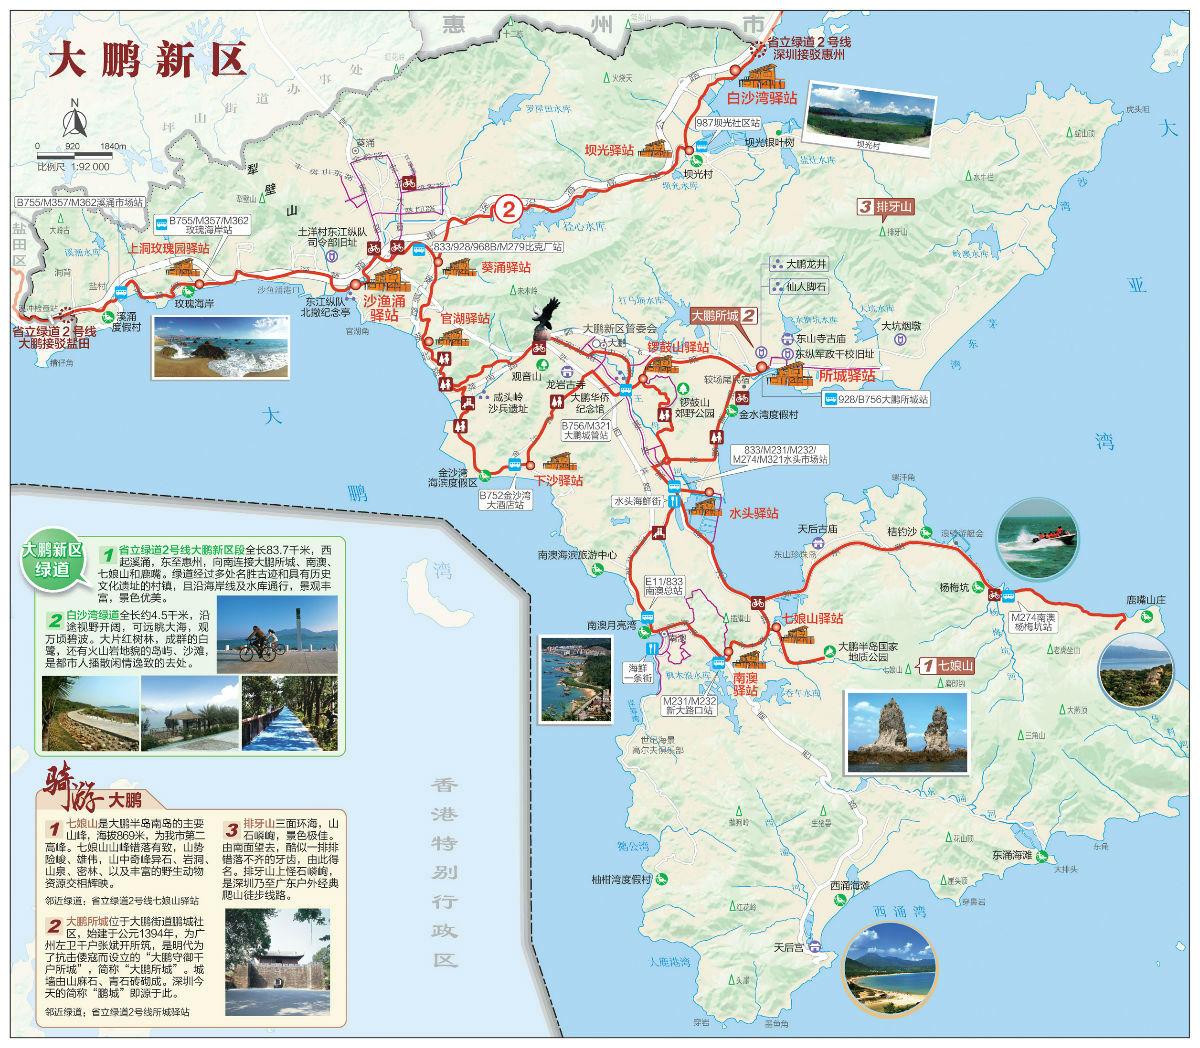 大鹏半岛骑行线路地图